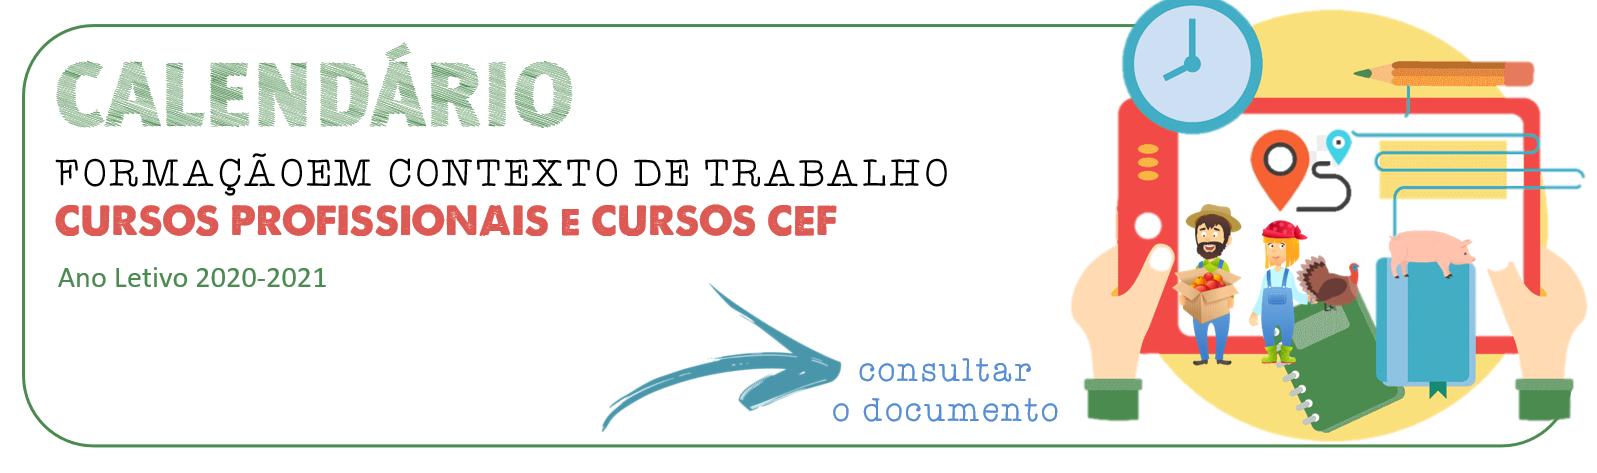 Calendário de Formação em Contexto de Trabalho - Cursos Profissionais e CEF